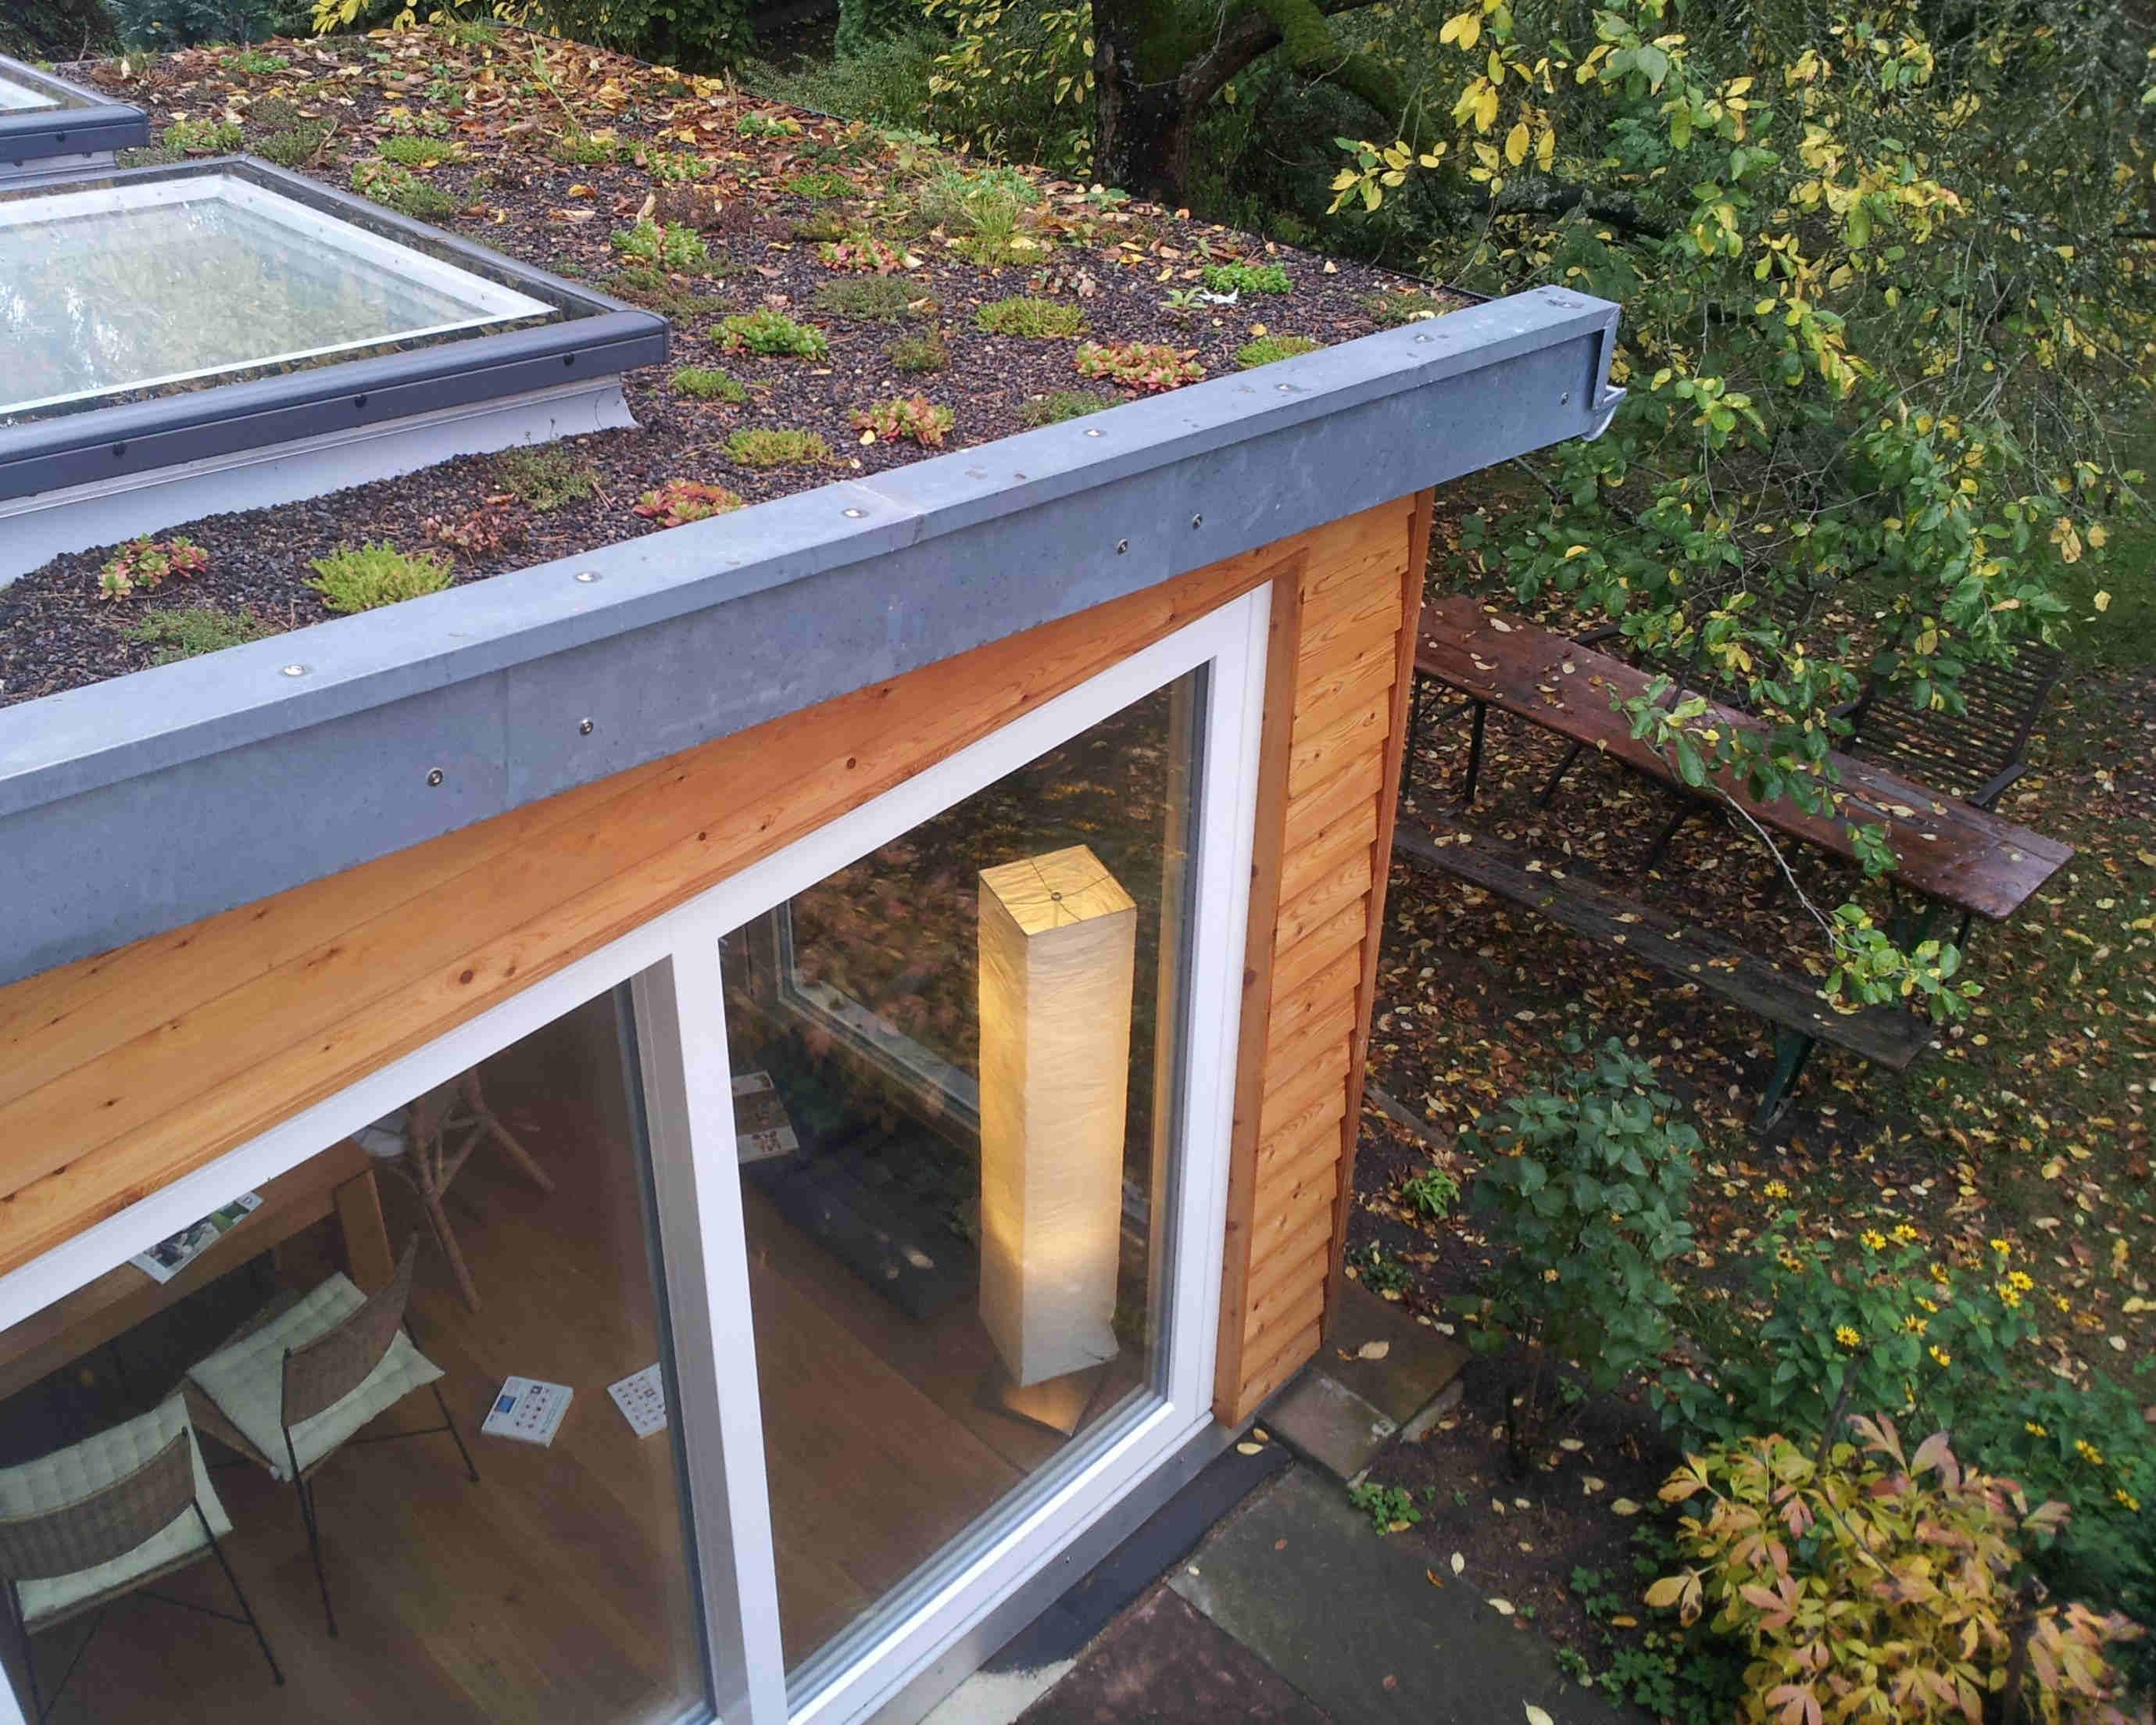 Der bestehende Wohnraum wurde durch einen Anbau aus Holz vergrößert.  Mittels großer Glasflächen im Dachbereich und an den Seitenwänden, gelang es diesen optimal mit Licht zu druchfluten.